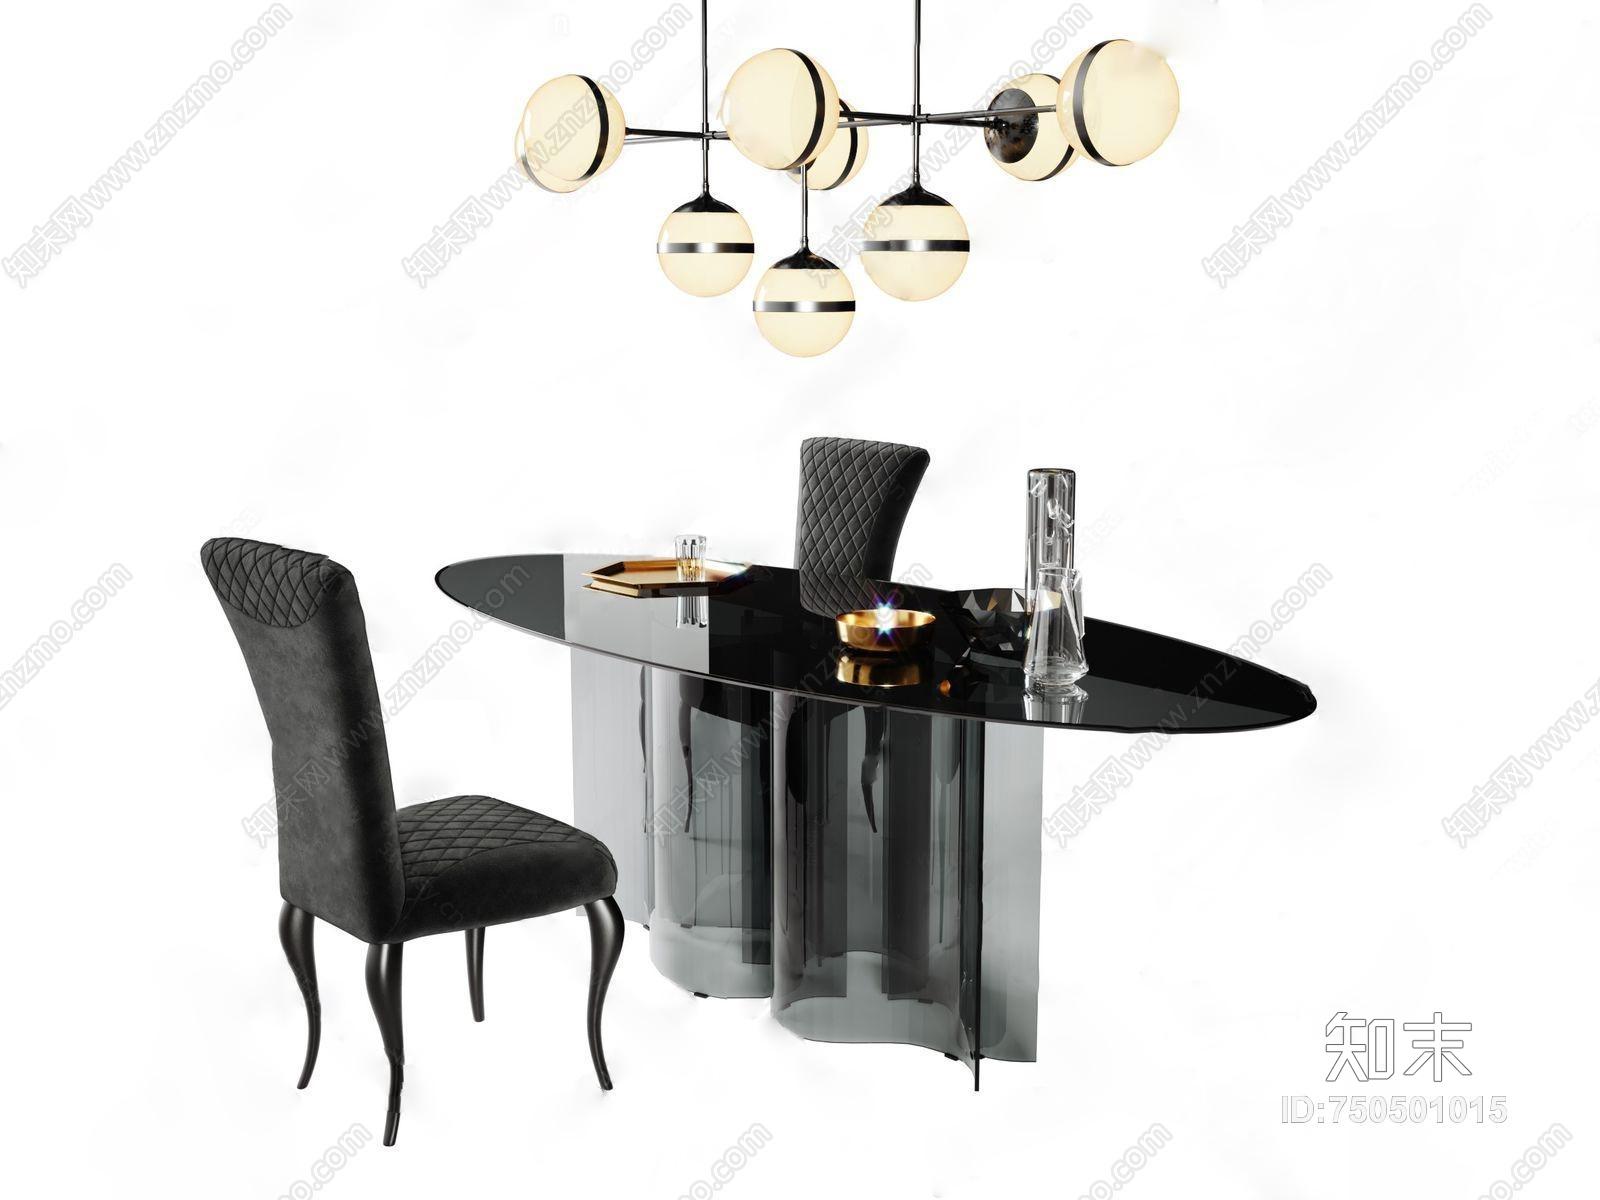 现代轻奢餐桌椅组合3D模型下载【ID:750501015】